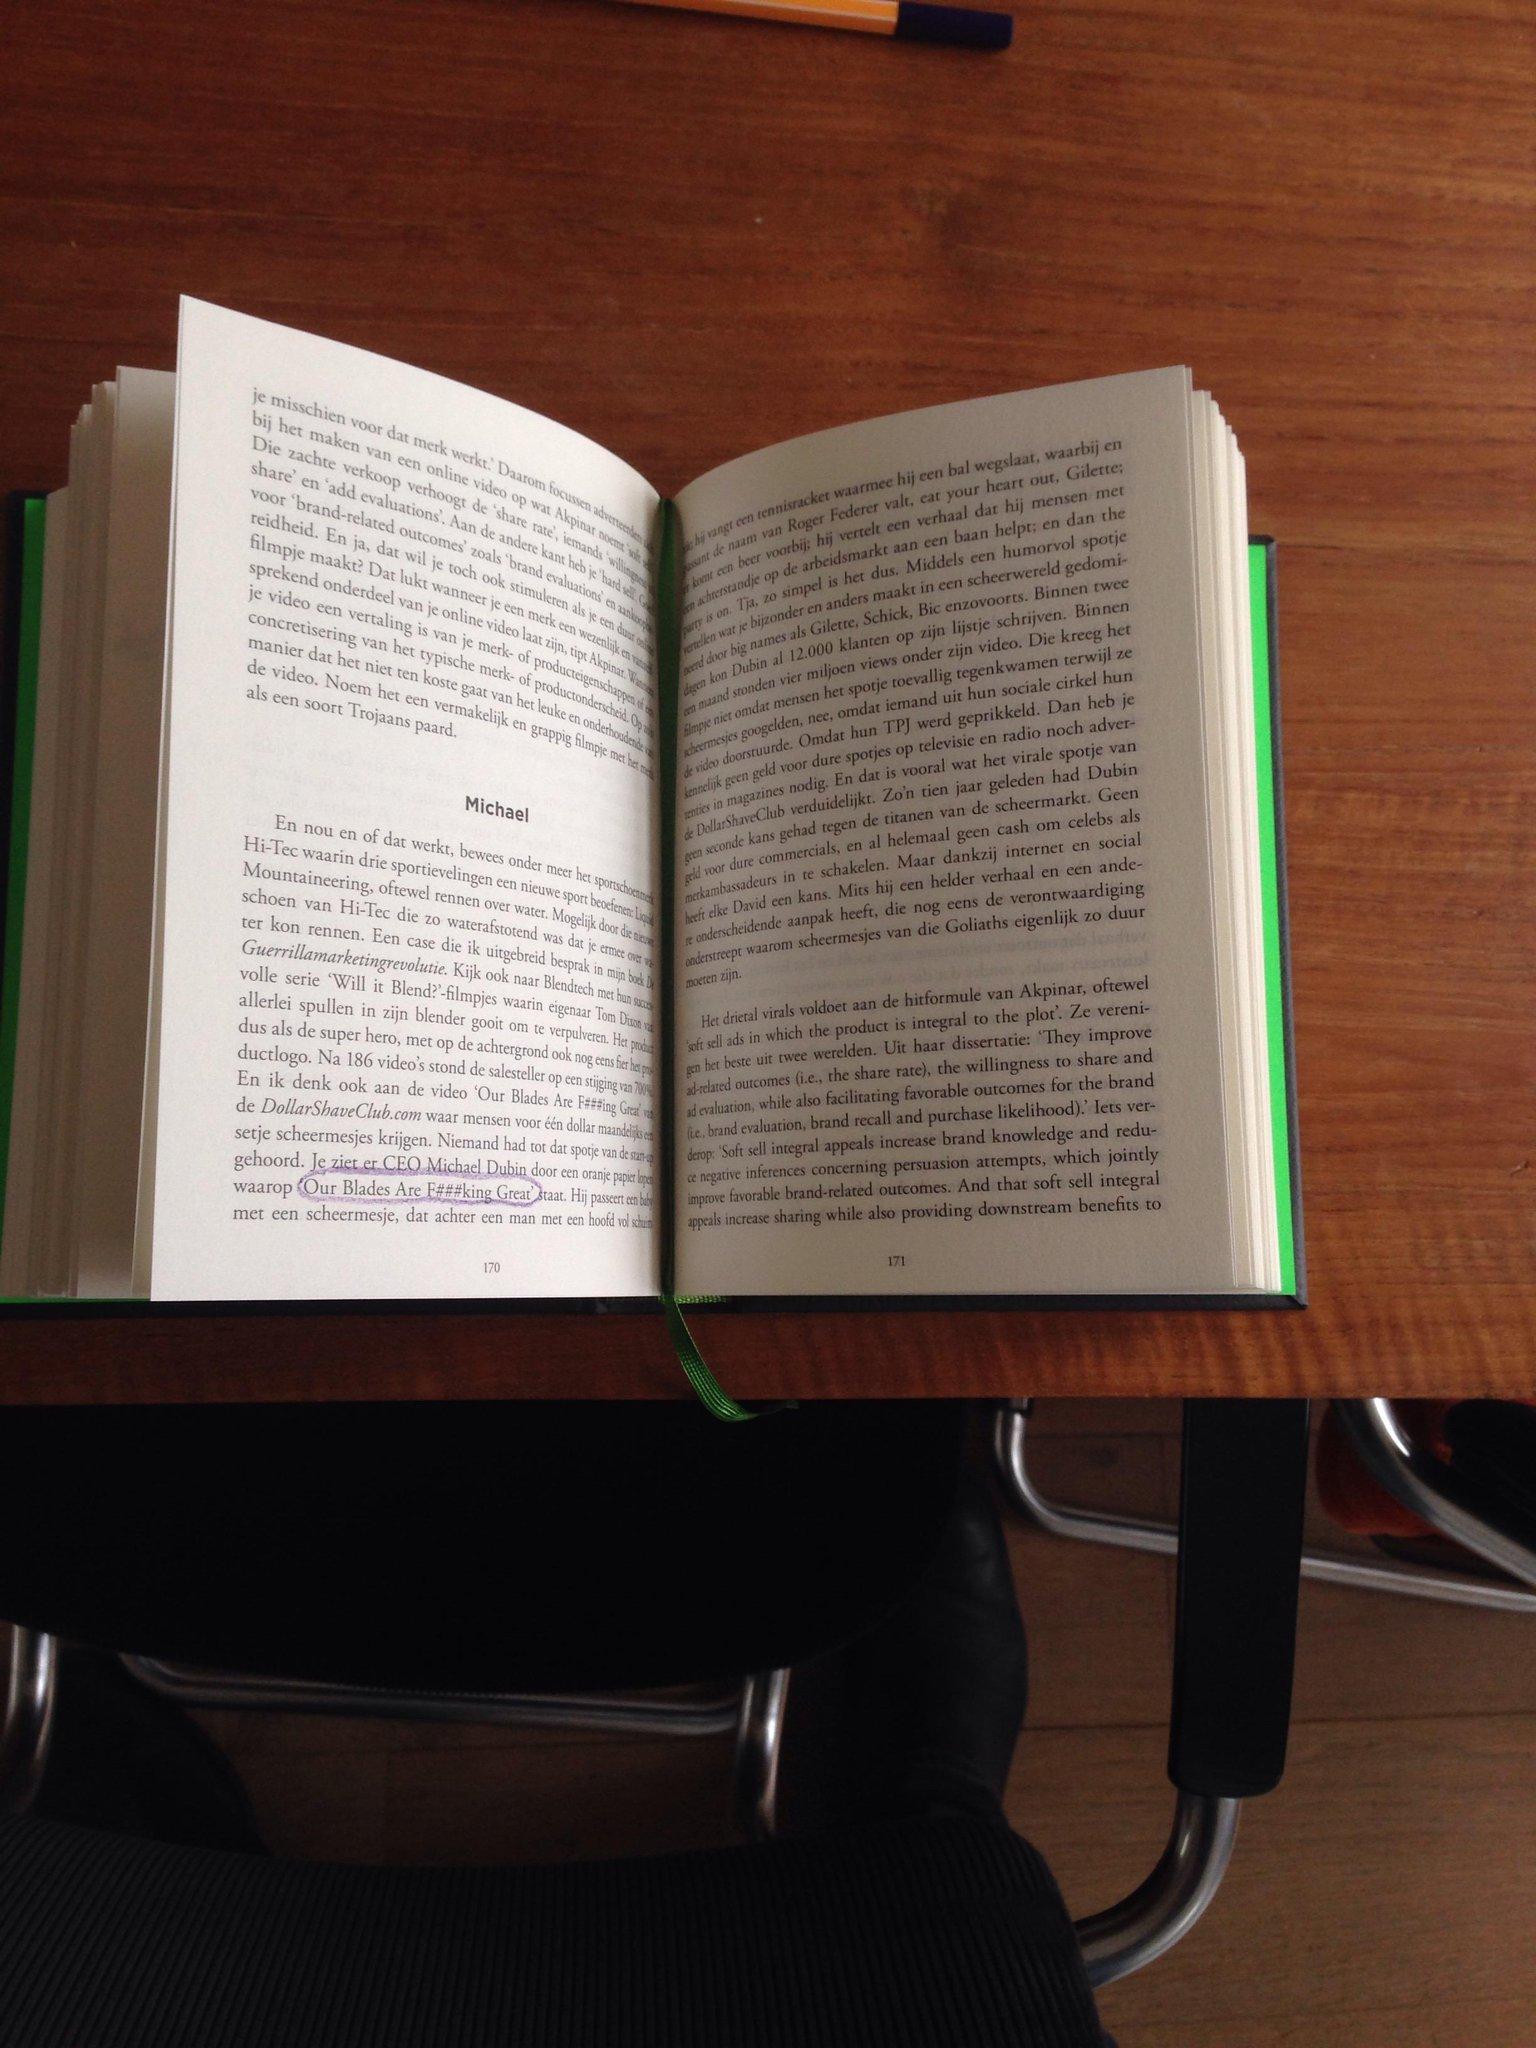 RT @iwanhoe: Zo, tijdens de boterham nog net even tijd gevonden voor bijbelstudie. #contentbijbel http://t.co/UuYauBftLX